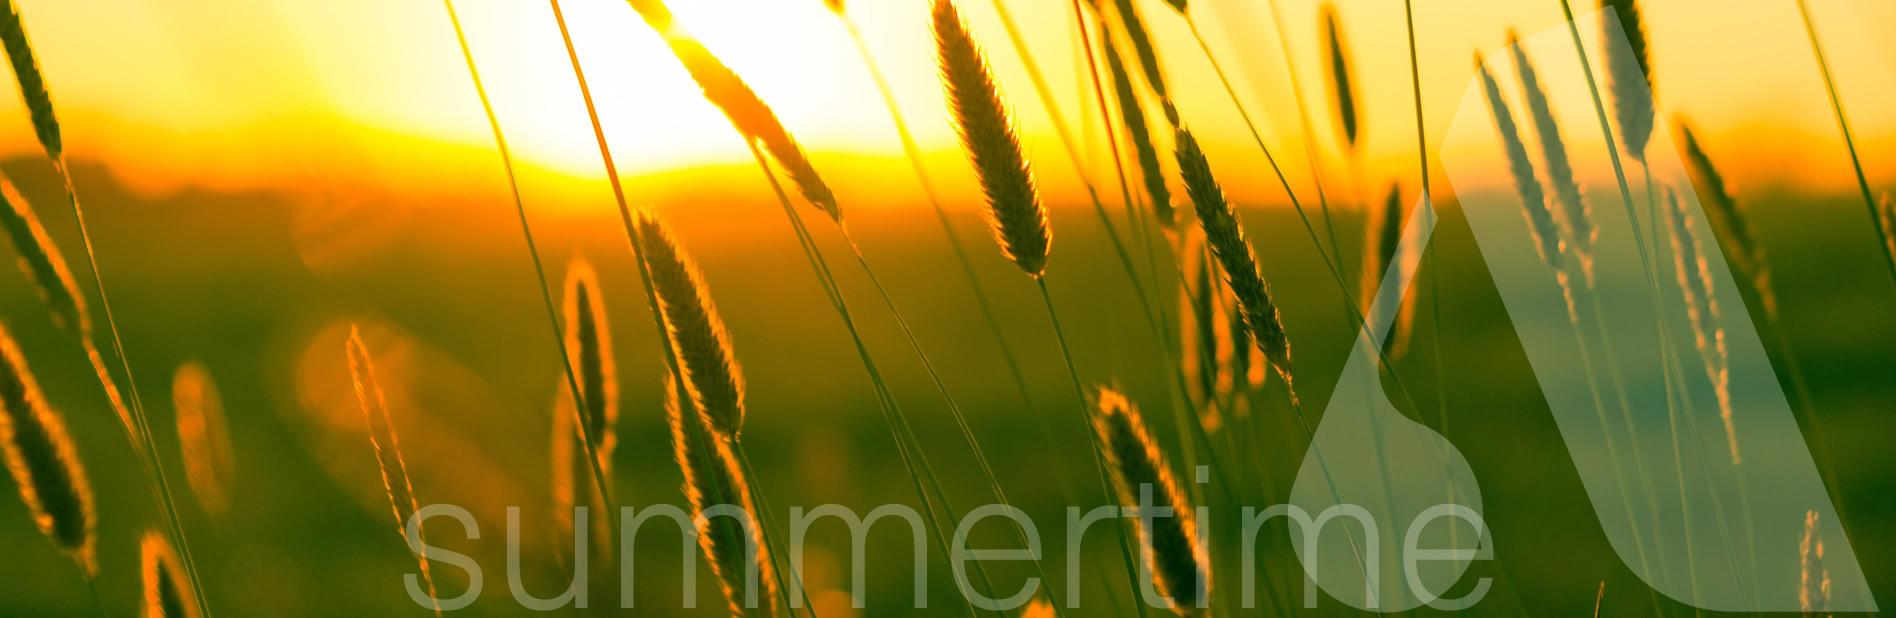 Summertime_B3